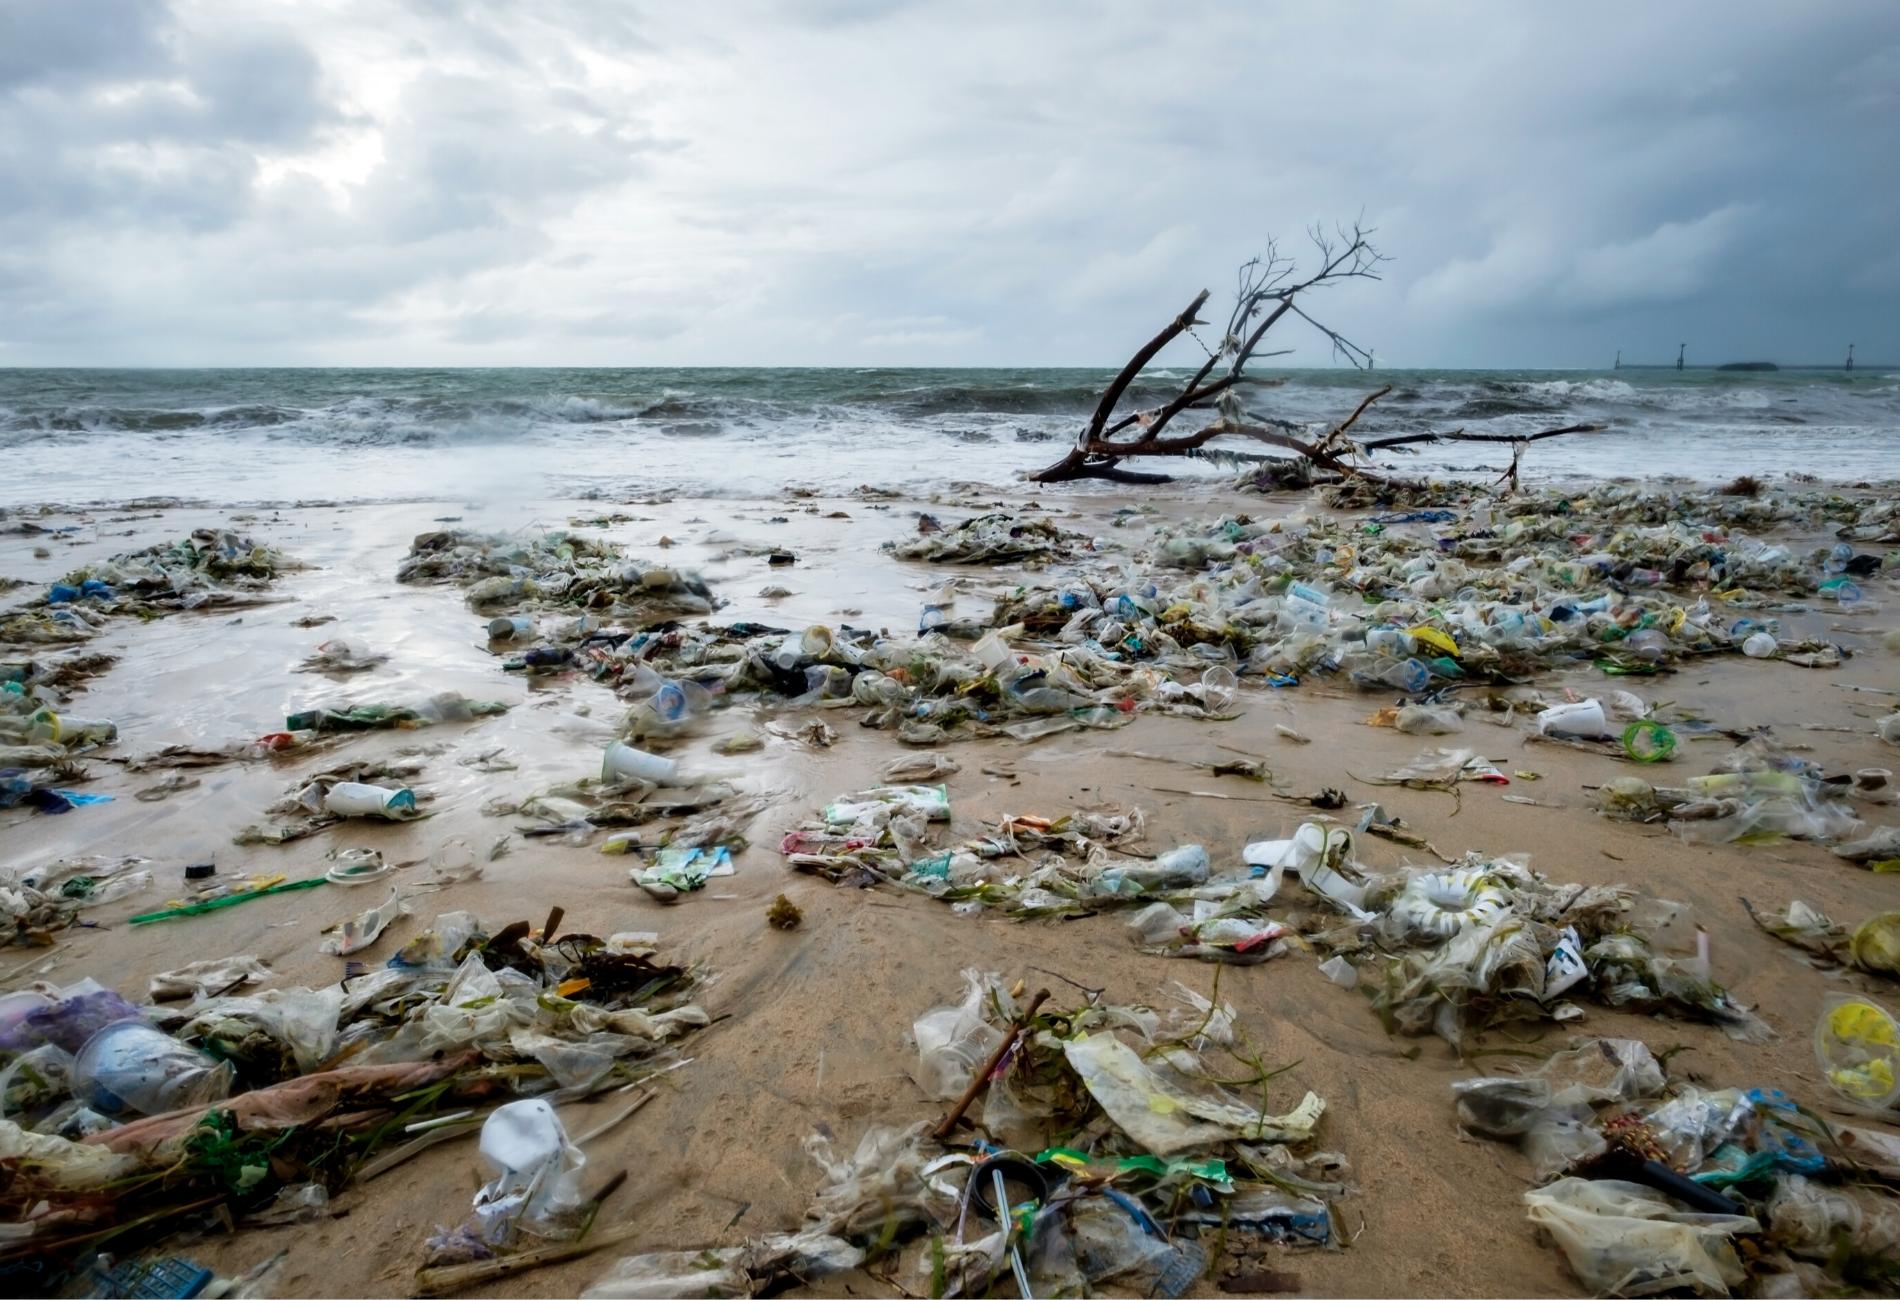 La normativa para reducir el plástico de un solo uso deberá aplicarse a partir de julio de 2021 - La Viña